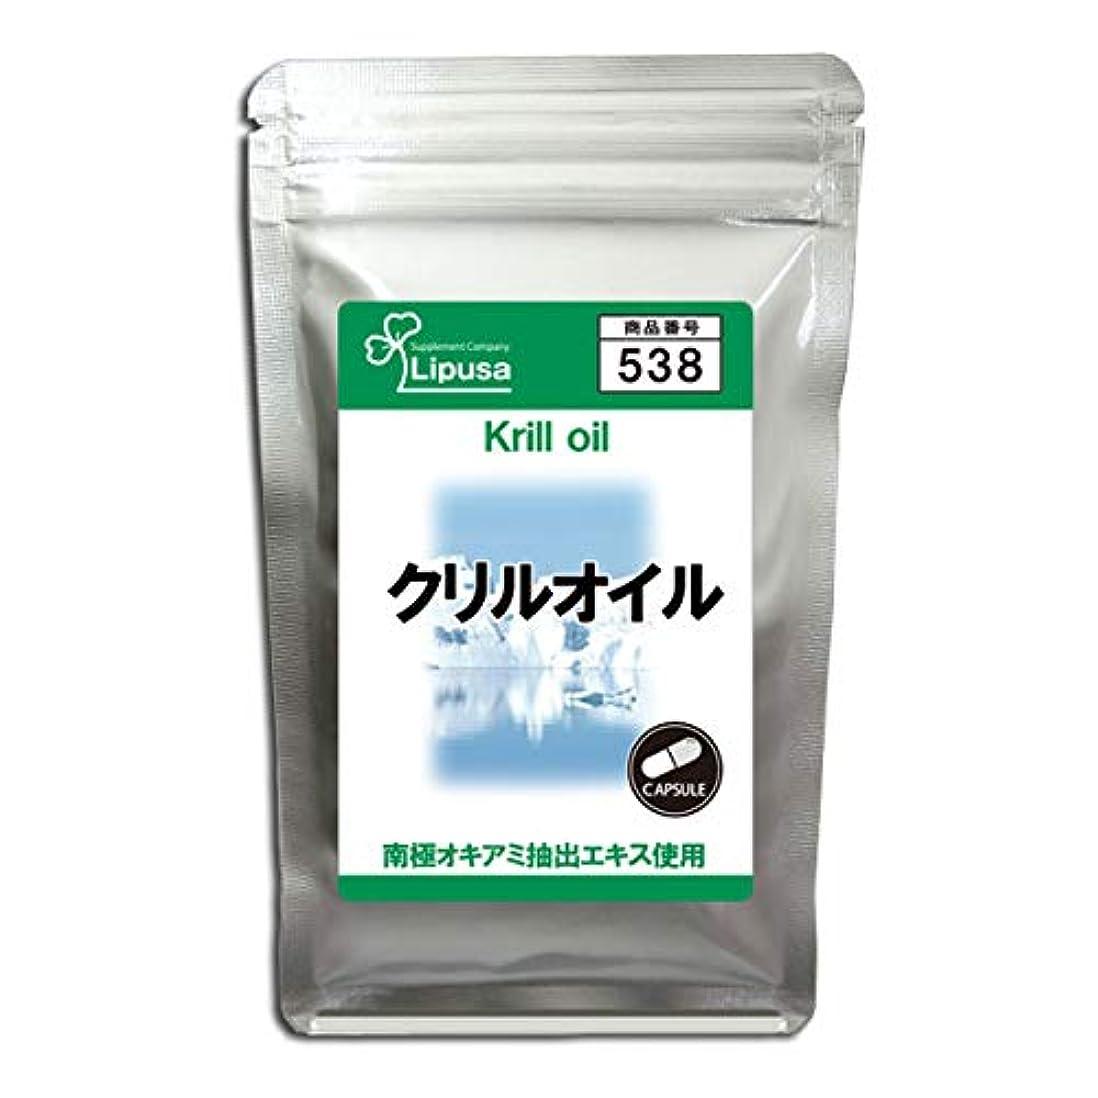 チューリップ十一小麦クリルオイル 約1か月分 C-538